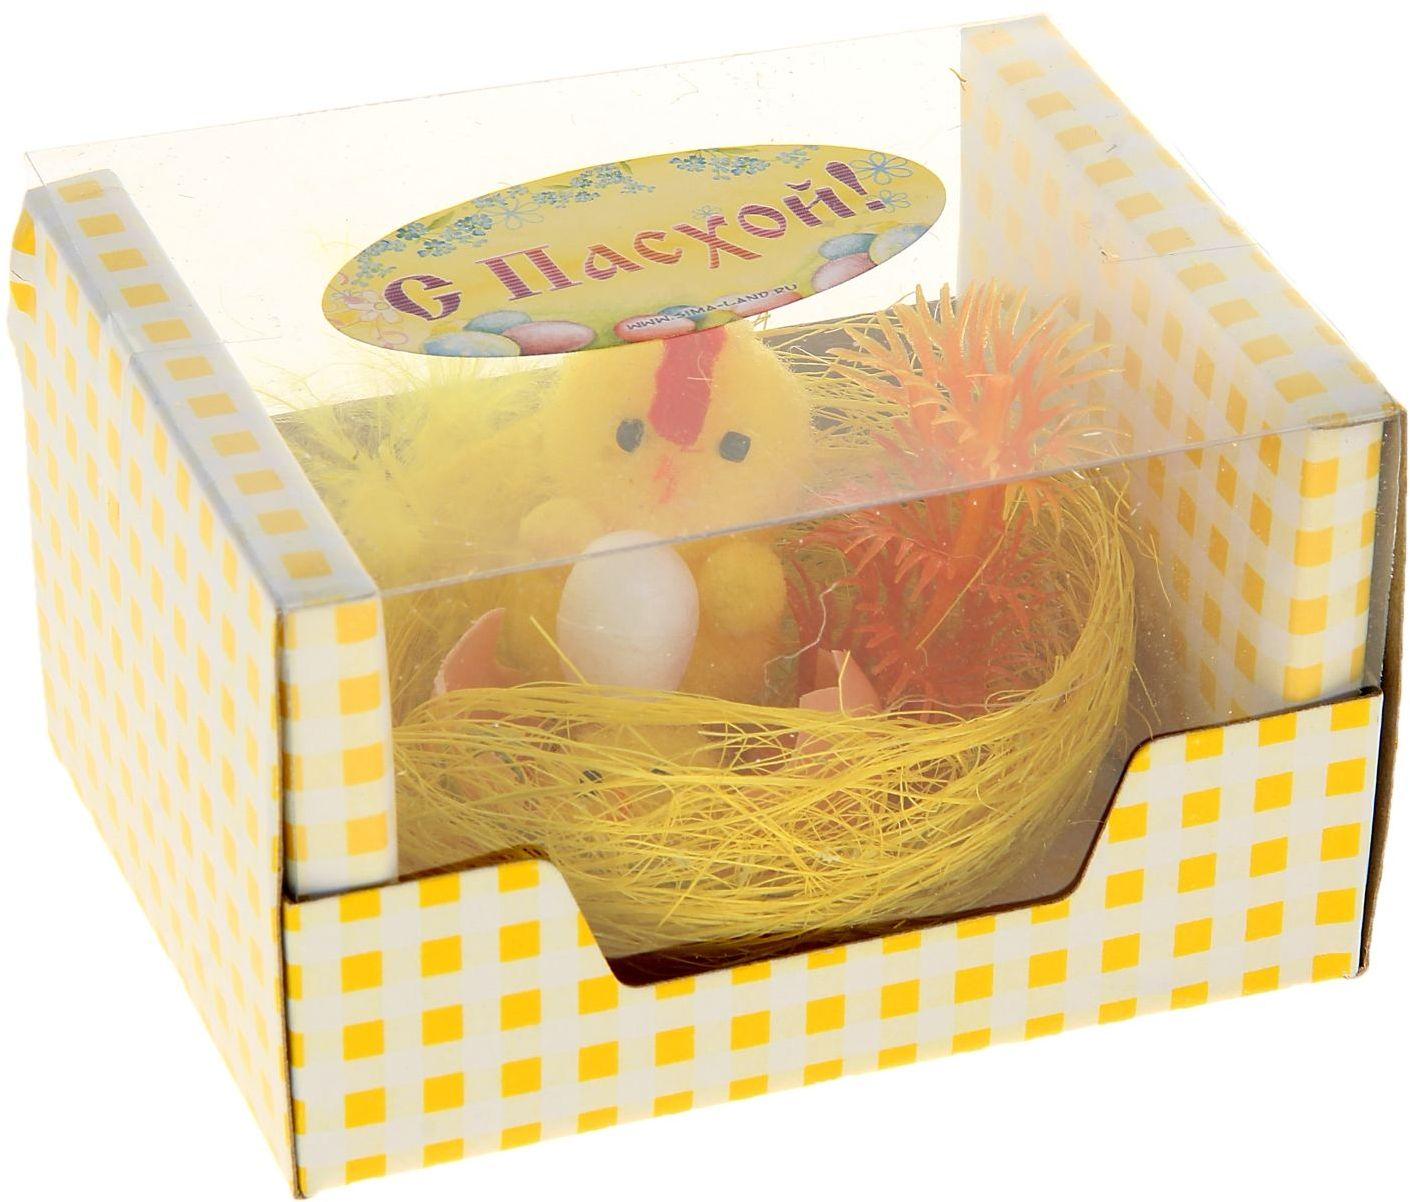 Сувенир пасхальный Sima-land Цыпа с цыпленком в скорлупе и яйцом940040Дарить подарки на Пасху – это такая же традиция, как красить яйца и выпекать куличи. Презенты вдвойне приятнее, если они несут в себе сакральный смысл и имеют какое-то значение. Сувенир Цыпа с цыпленком в скорлупе и яйцом - это символ возрождения и непрерывности жизни. С его помощью вы сможете украсить жилище, преподнести его близкому человеку или использовать при сервировке стола всю пасхальную неделю. Кроме того, пасхальные цыплята нравятся маленьким деткам.